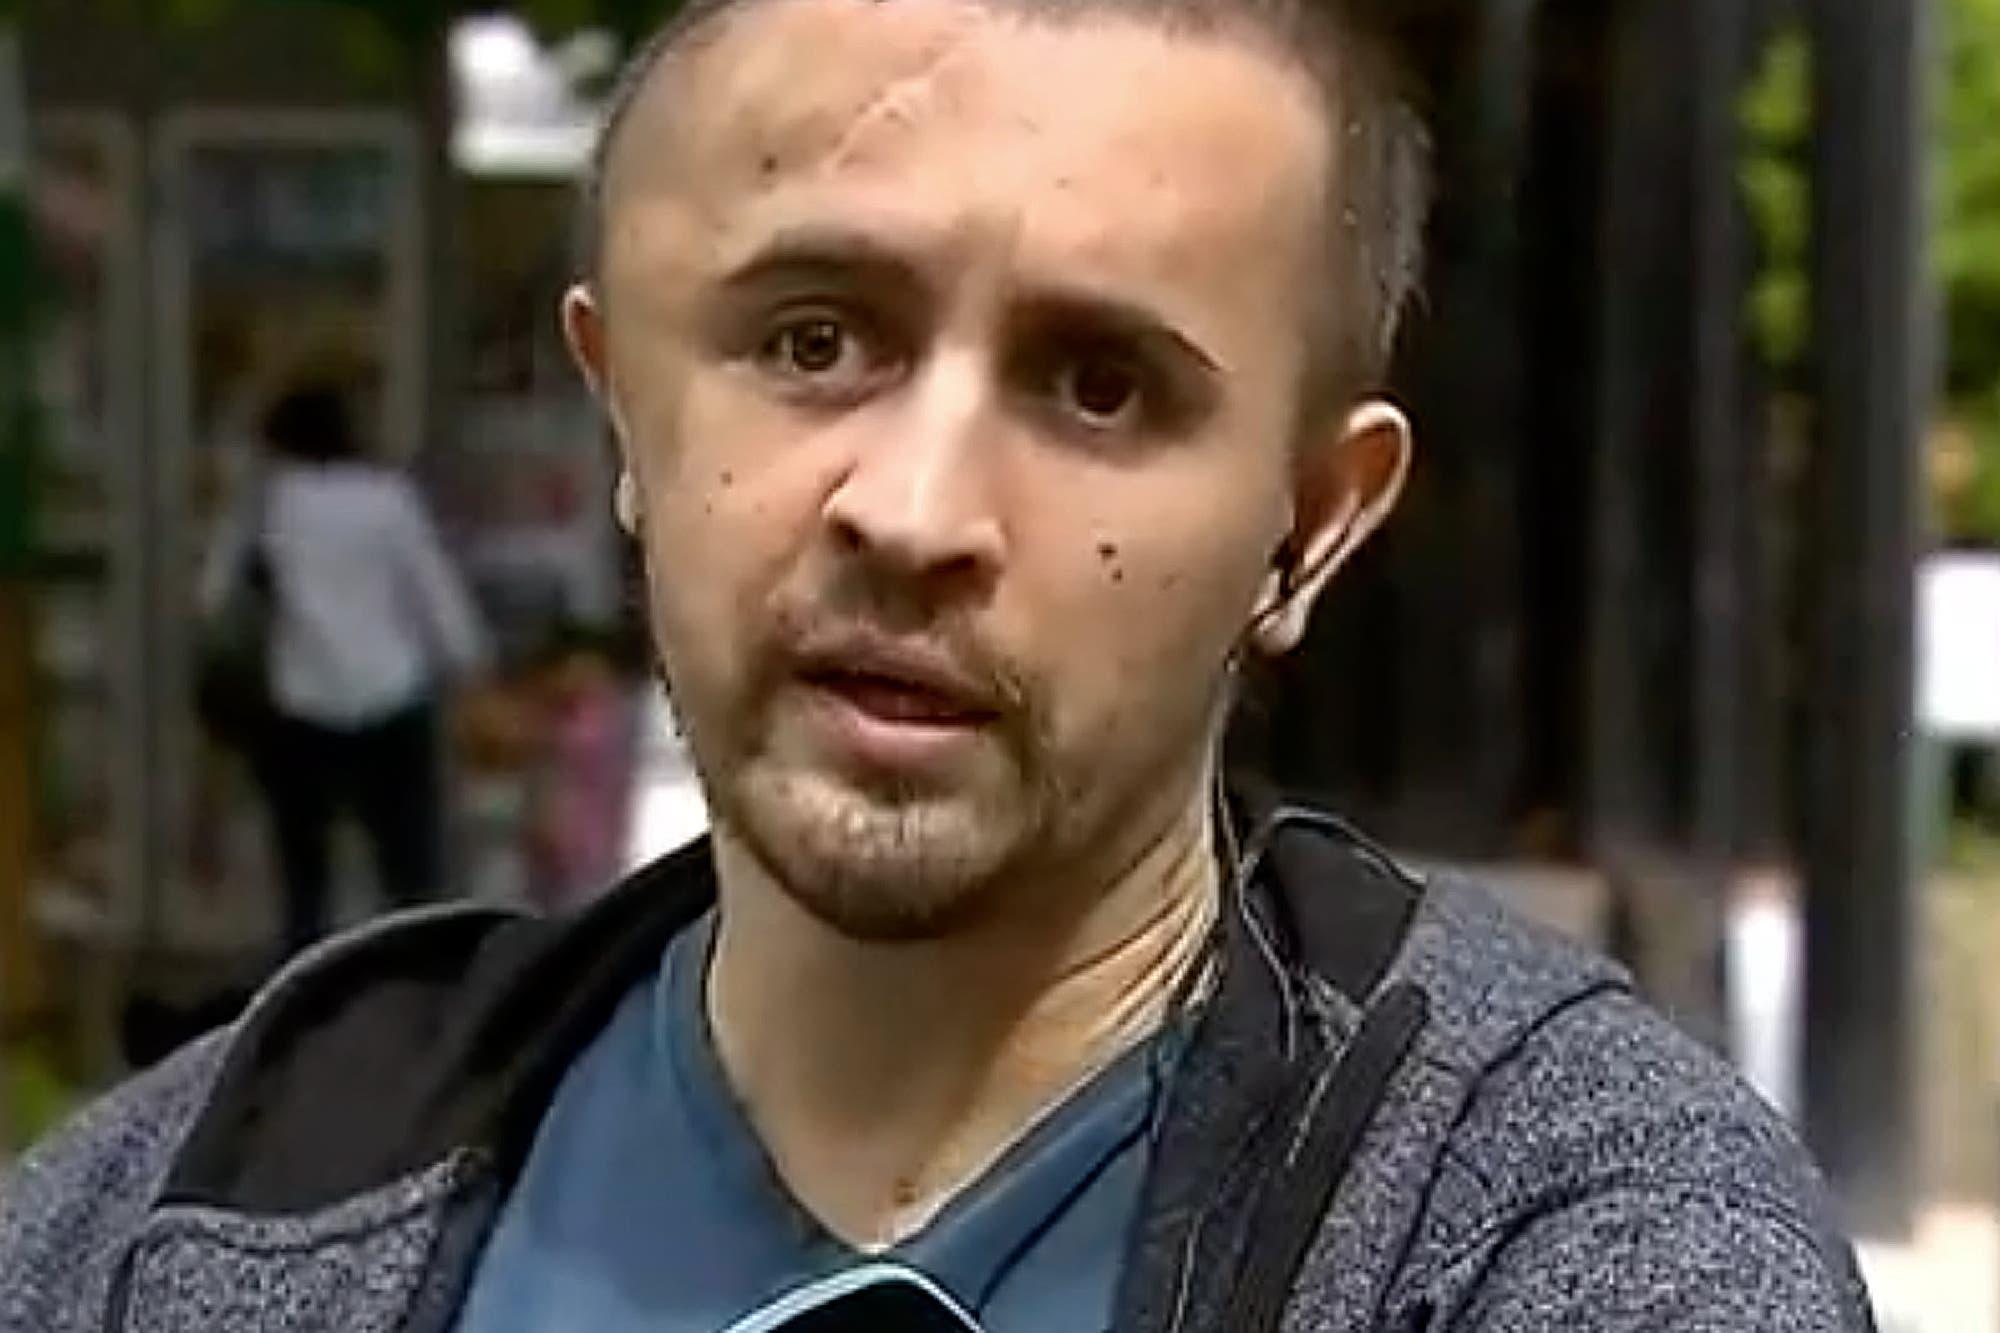 Caso Veppo: dejan salir del hospital al agente de tránsito atropellado